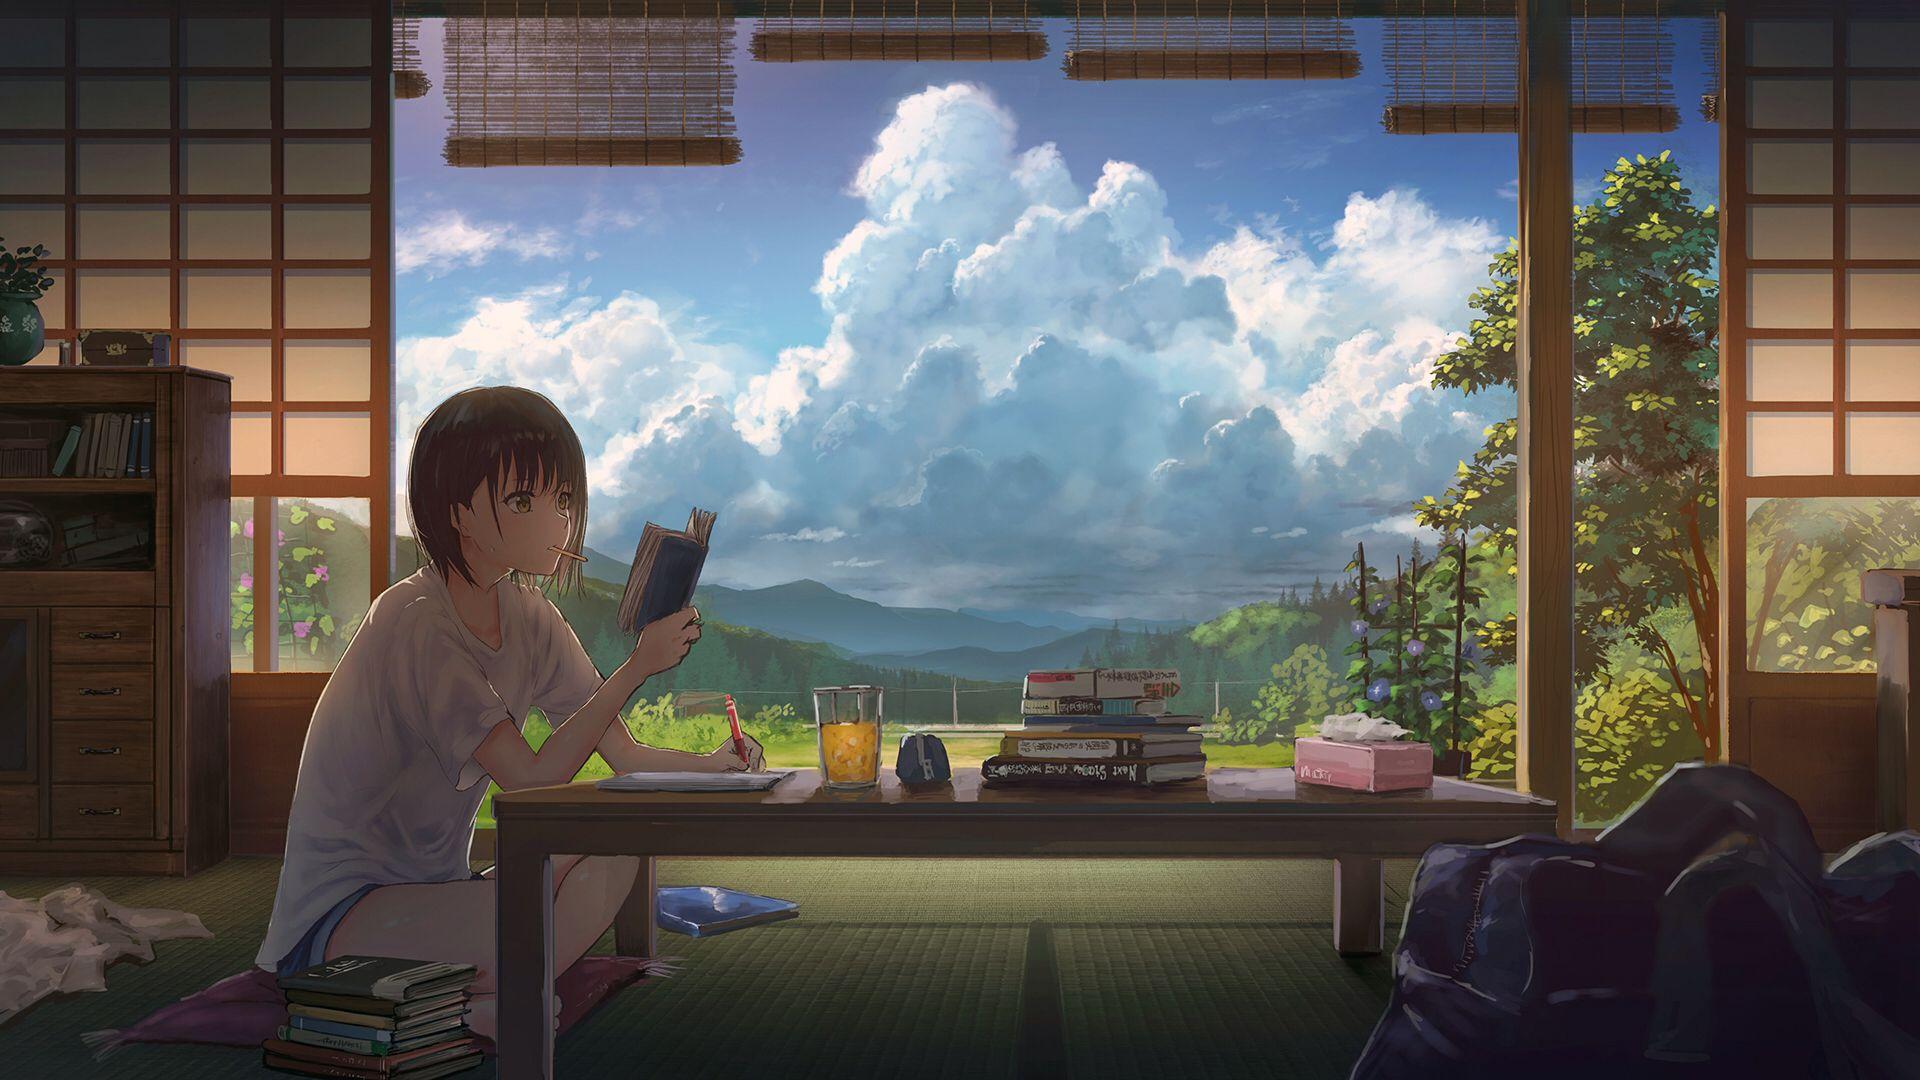 Homework [1920x1080] 芸術的アニメ少女, 夏 絵, イラスト